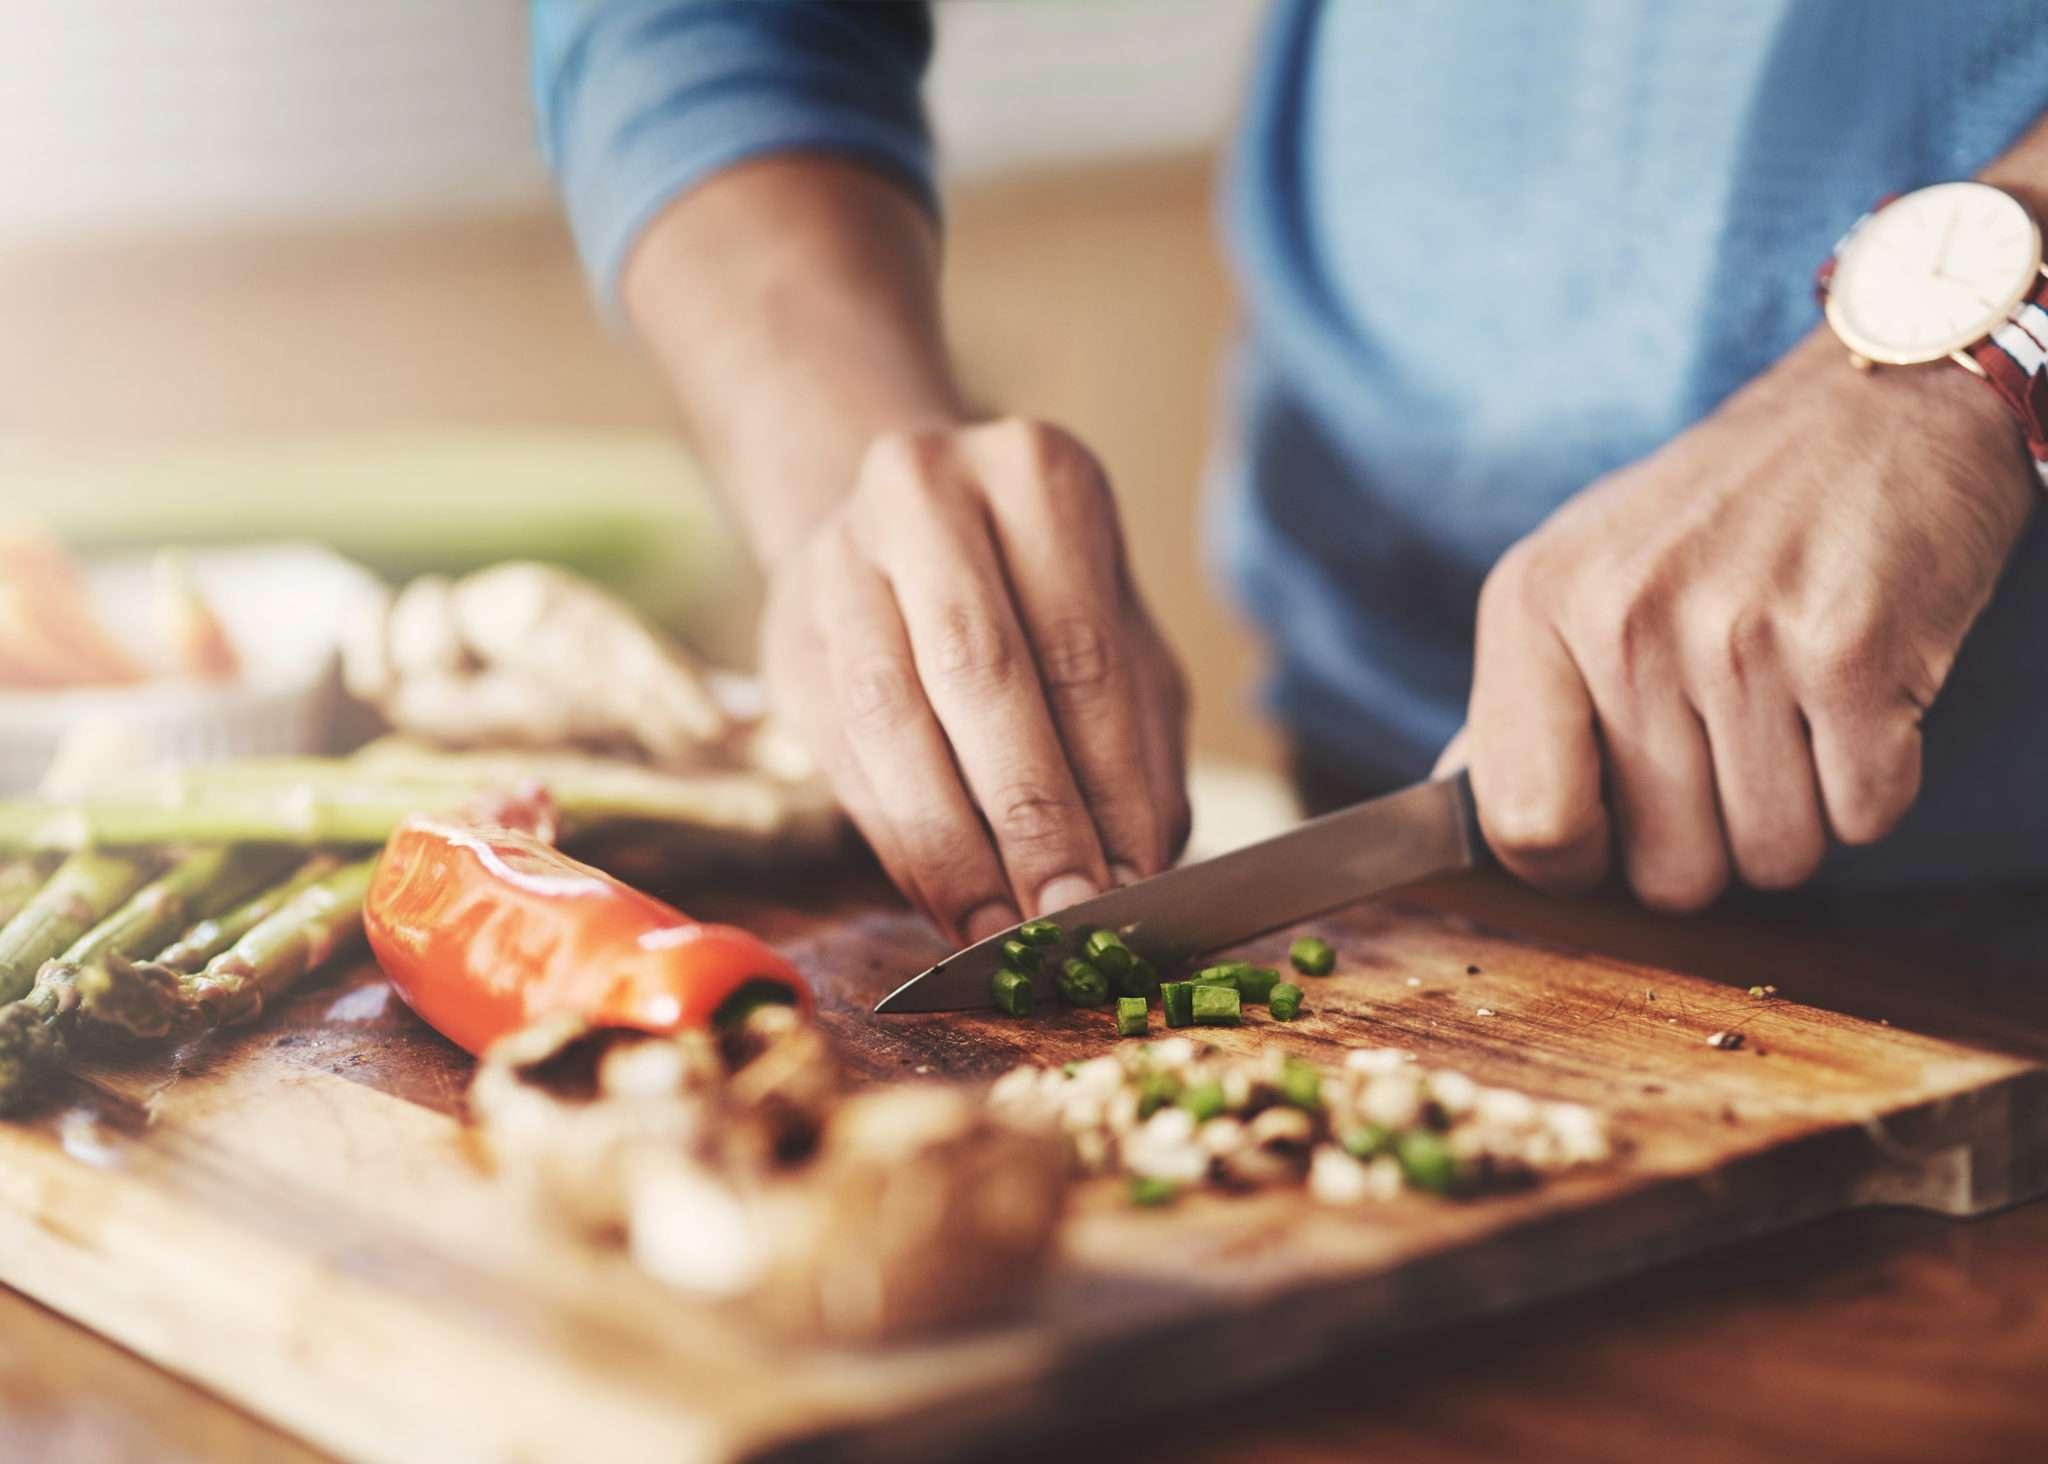 تصویر در توصیه های غذایی برای بیمارن مبتلا به سرطان